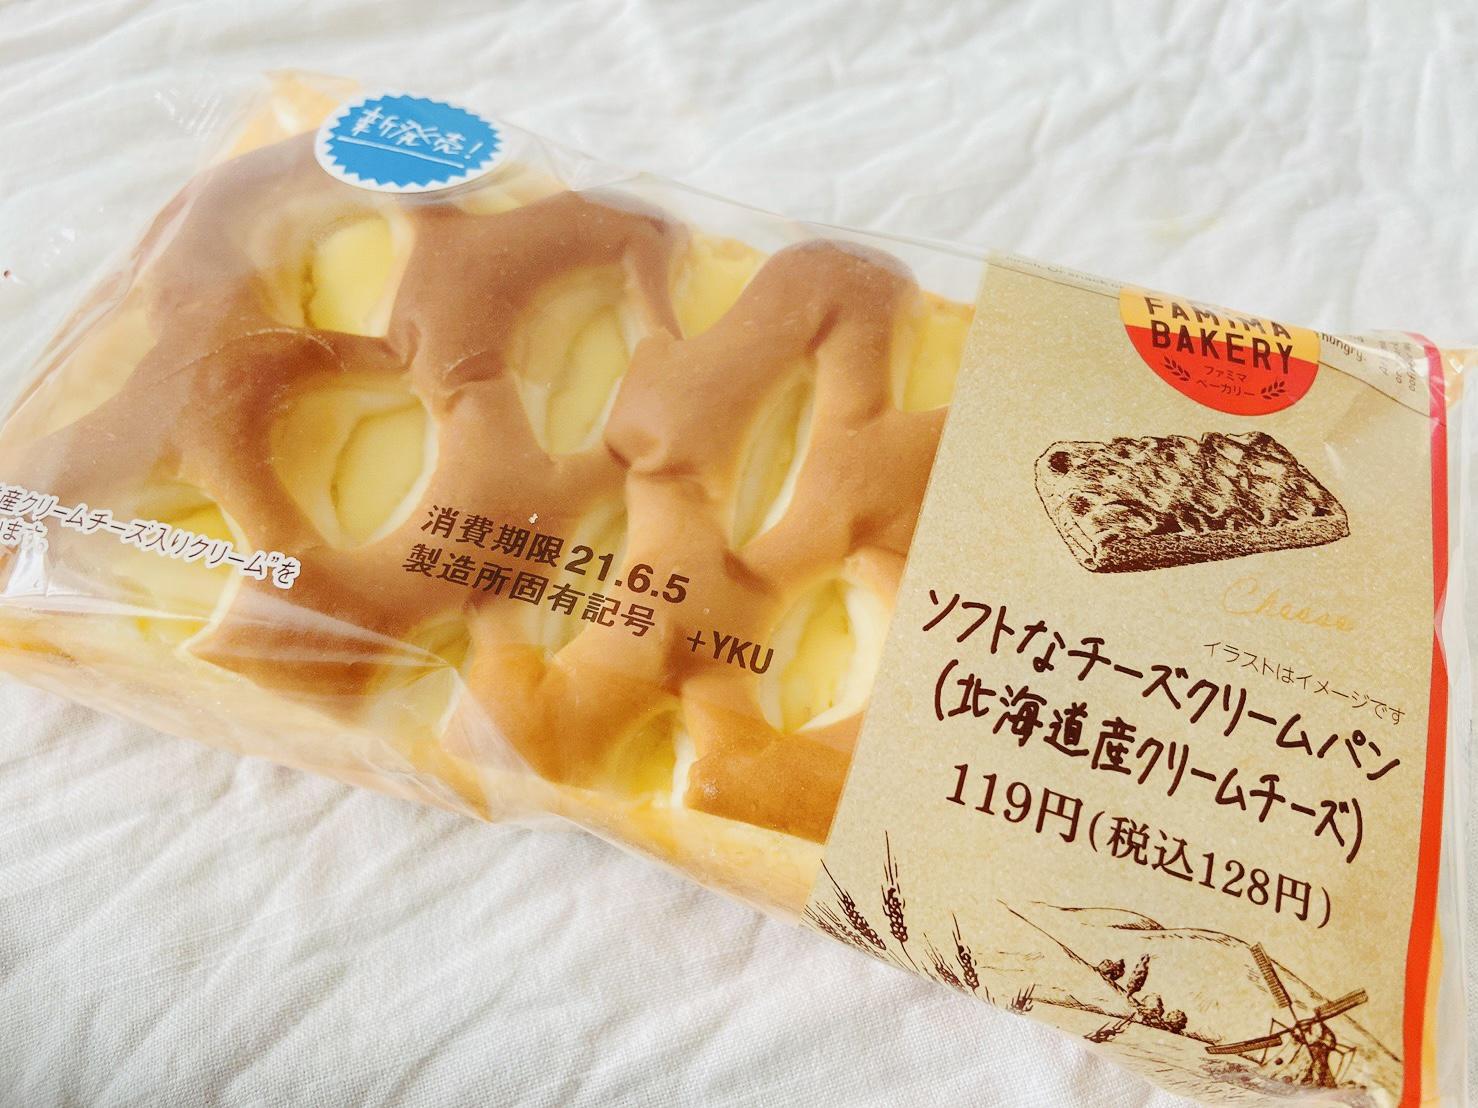 【新発売】ファミマの新作パン!「クリームチーズ入りクリーム」って!?【食レポ】_1